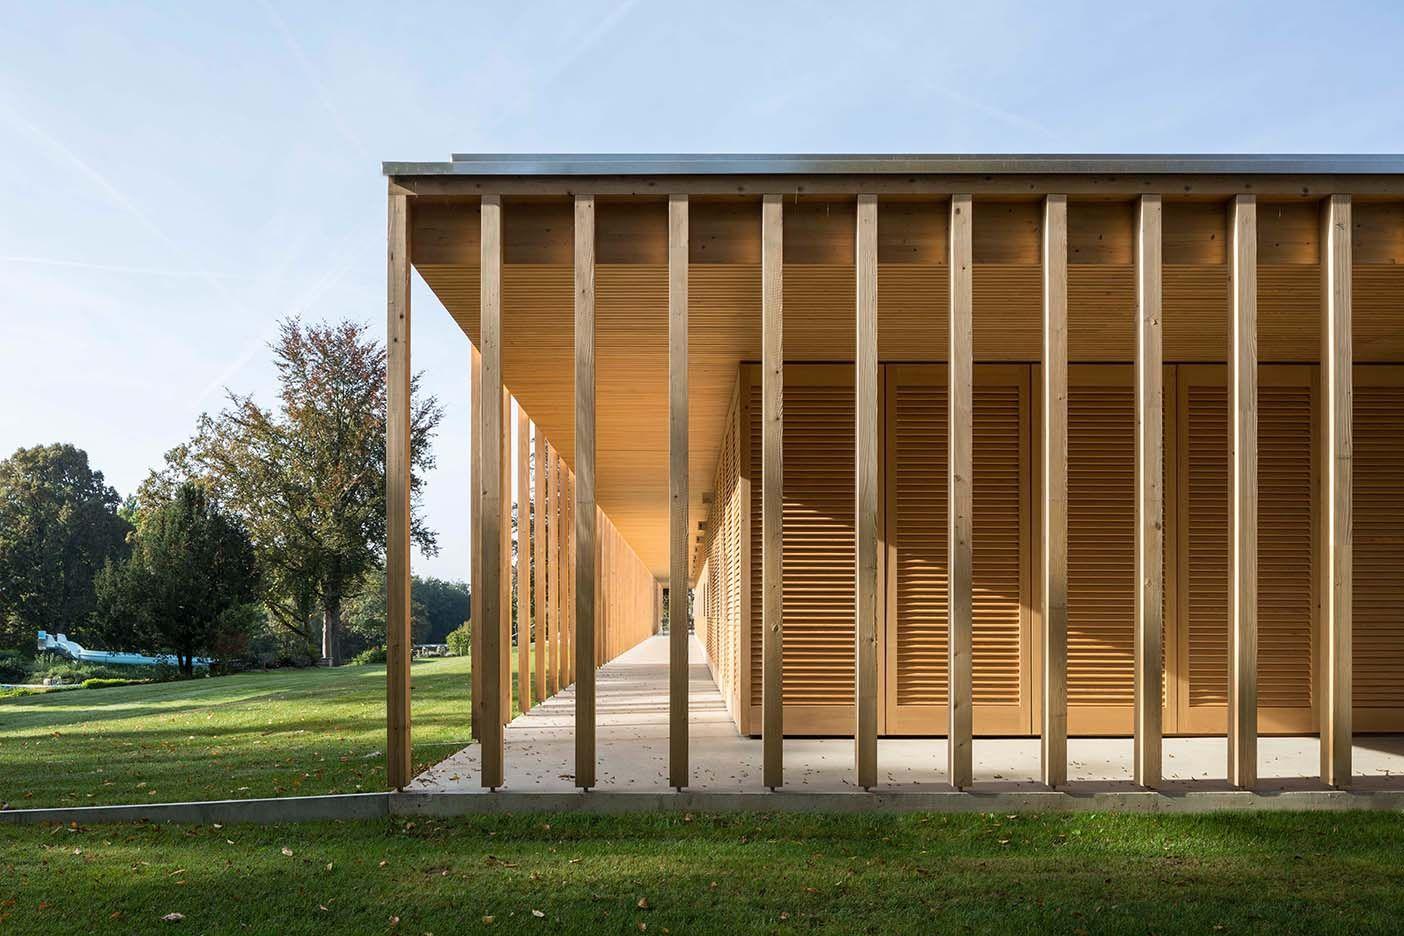 Auszeichnung auszeichnung kategorie au er landes freibad - Schwimmbad architektur ...